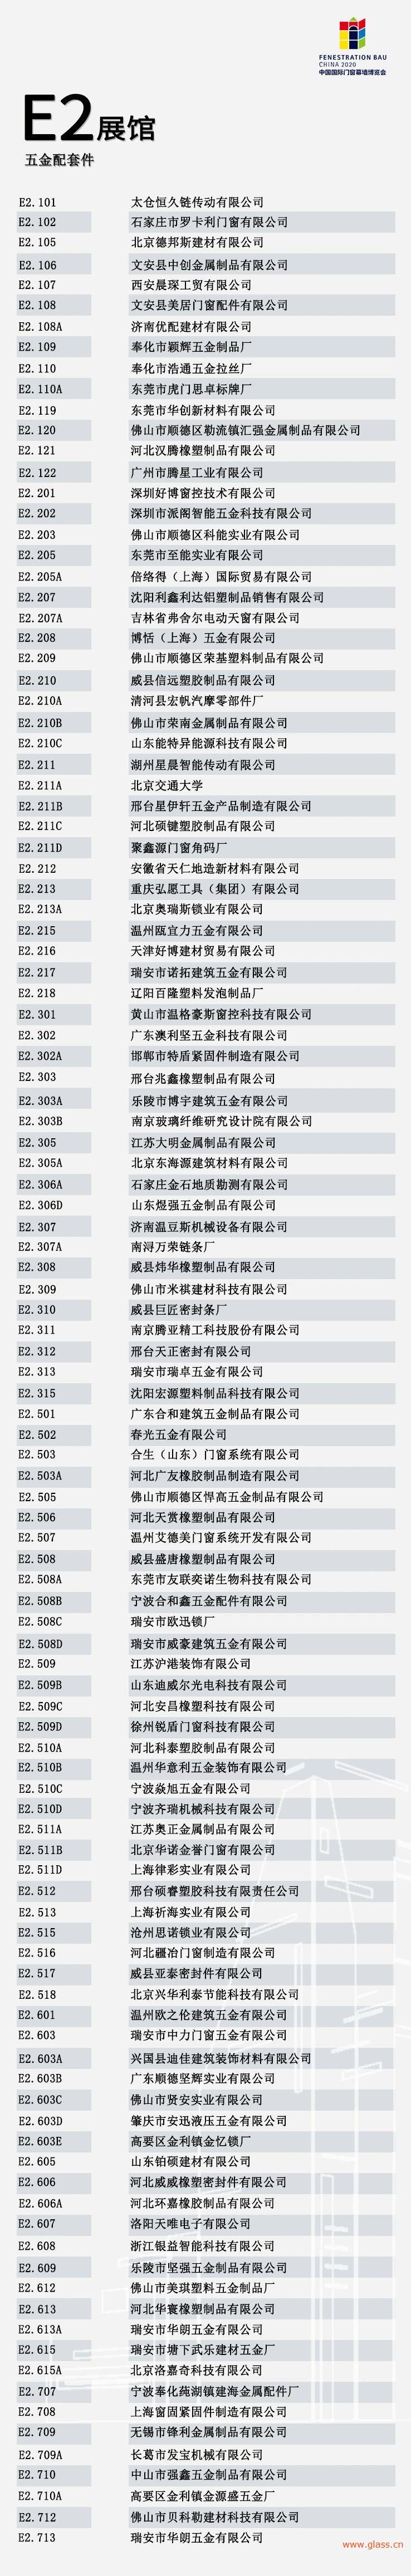 FBC中国国际门窗幕墙博览会展商名单重磅发布!